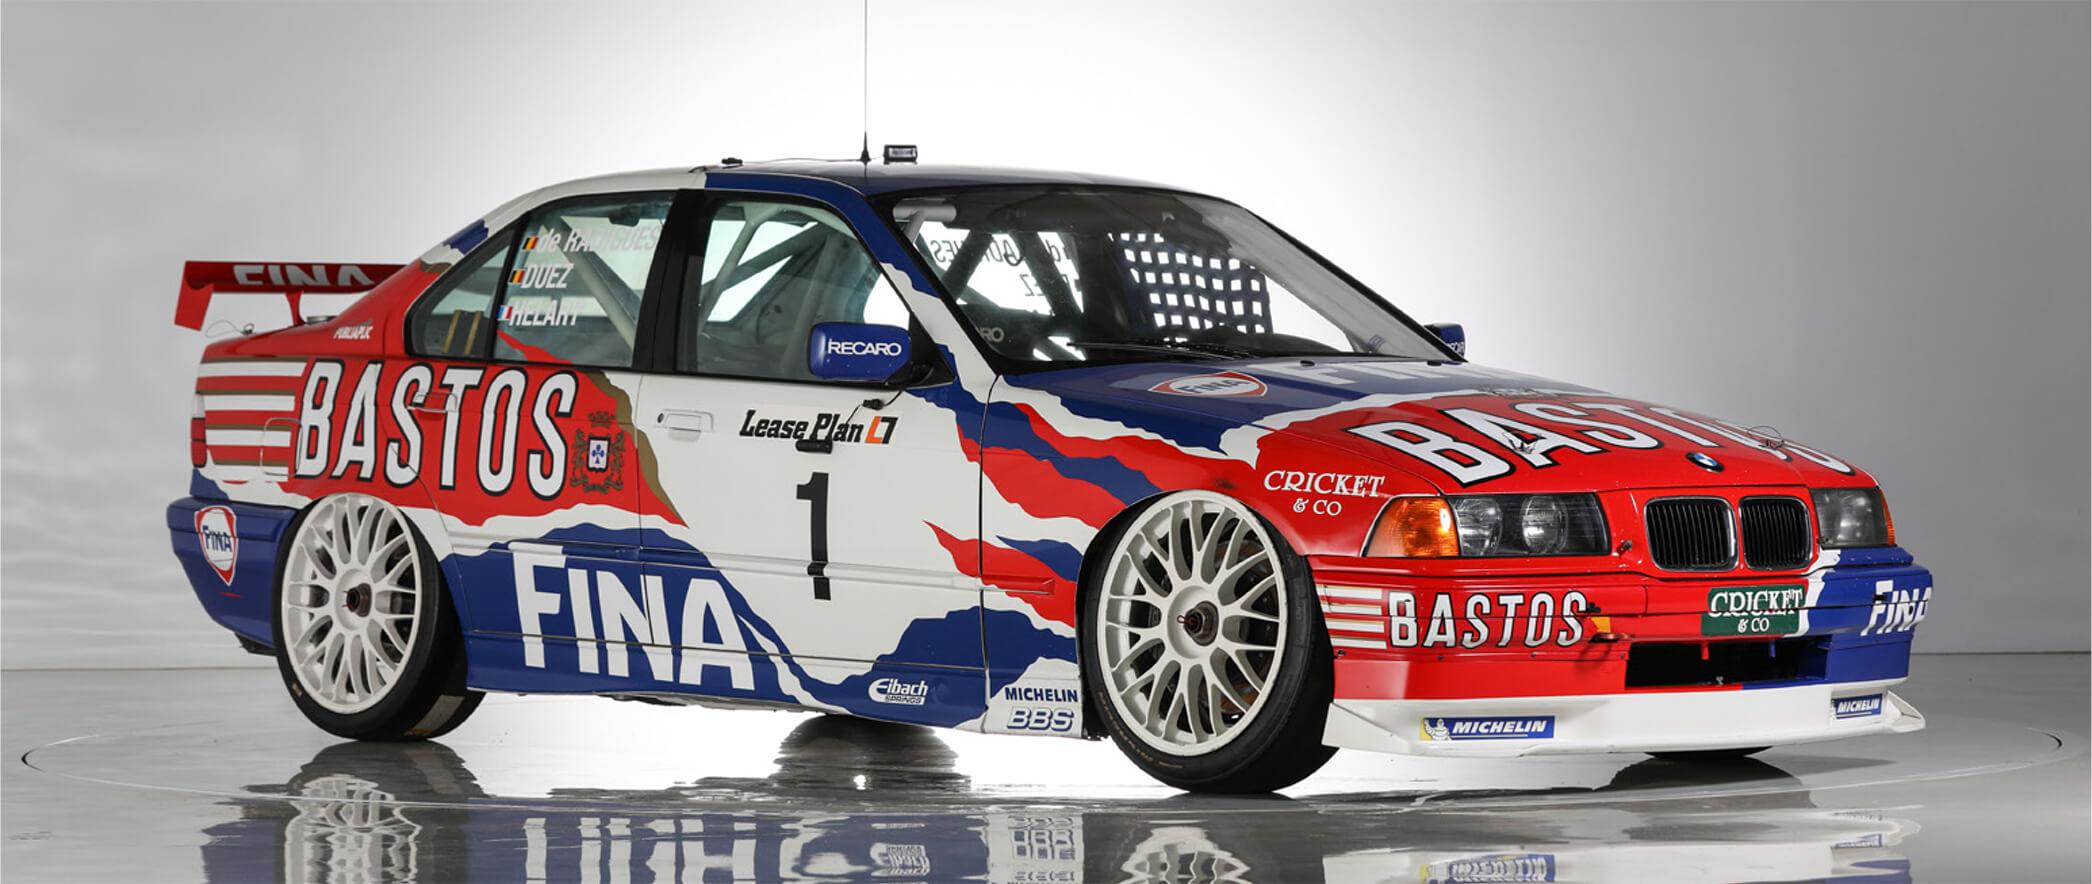 BMW 320 ST, 1995